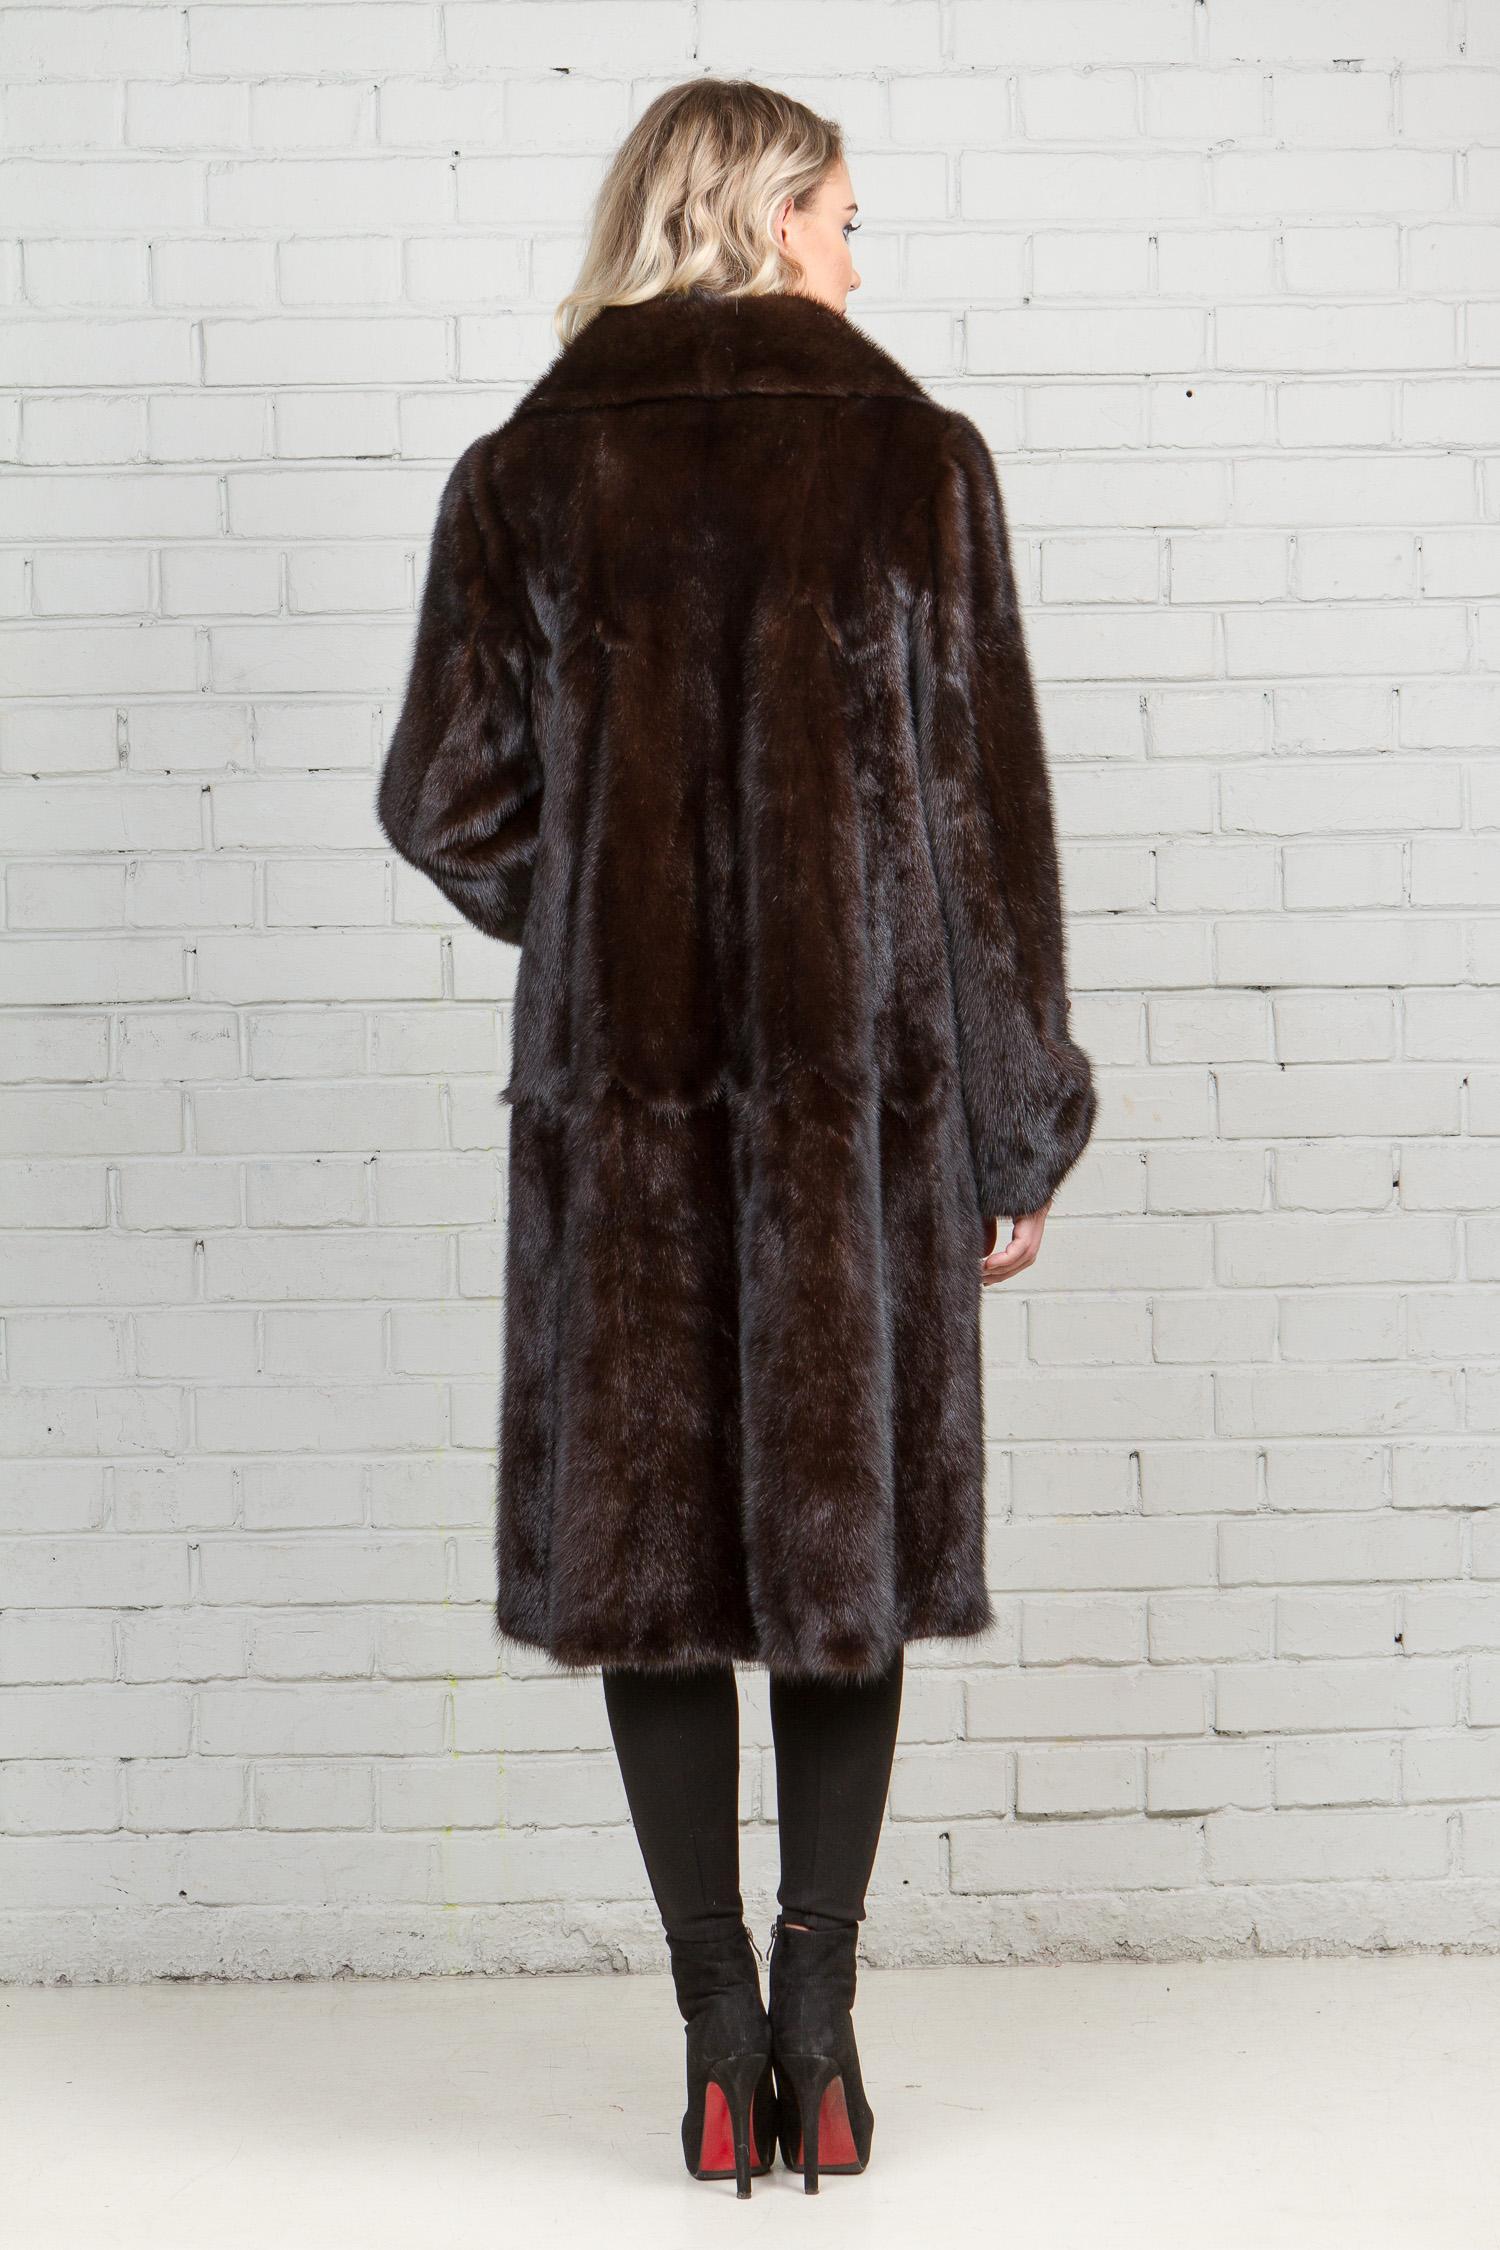 Шуба женская из норки с воротником, без отделки от Московская Меховая Компания